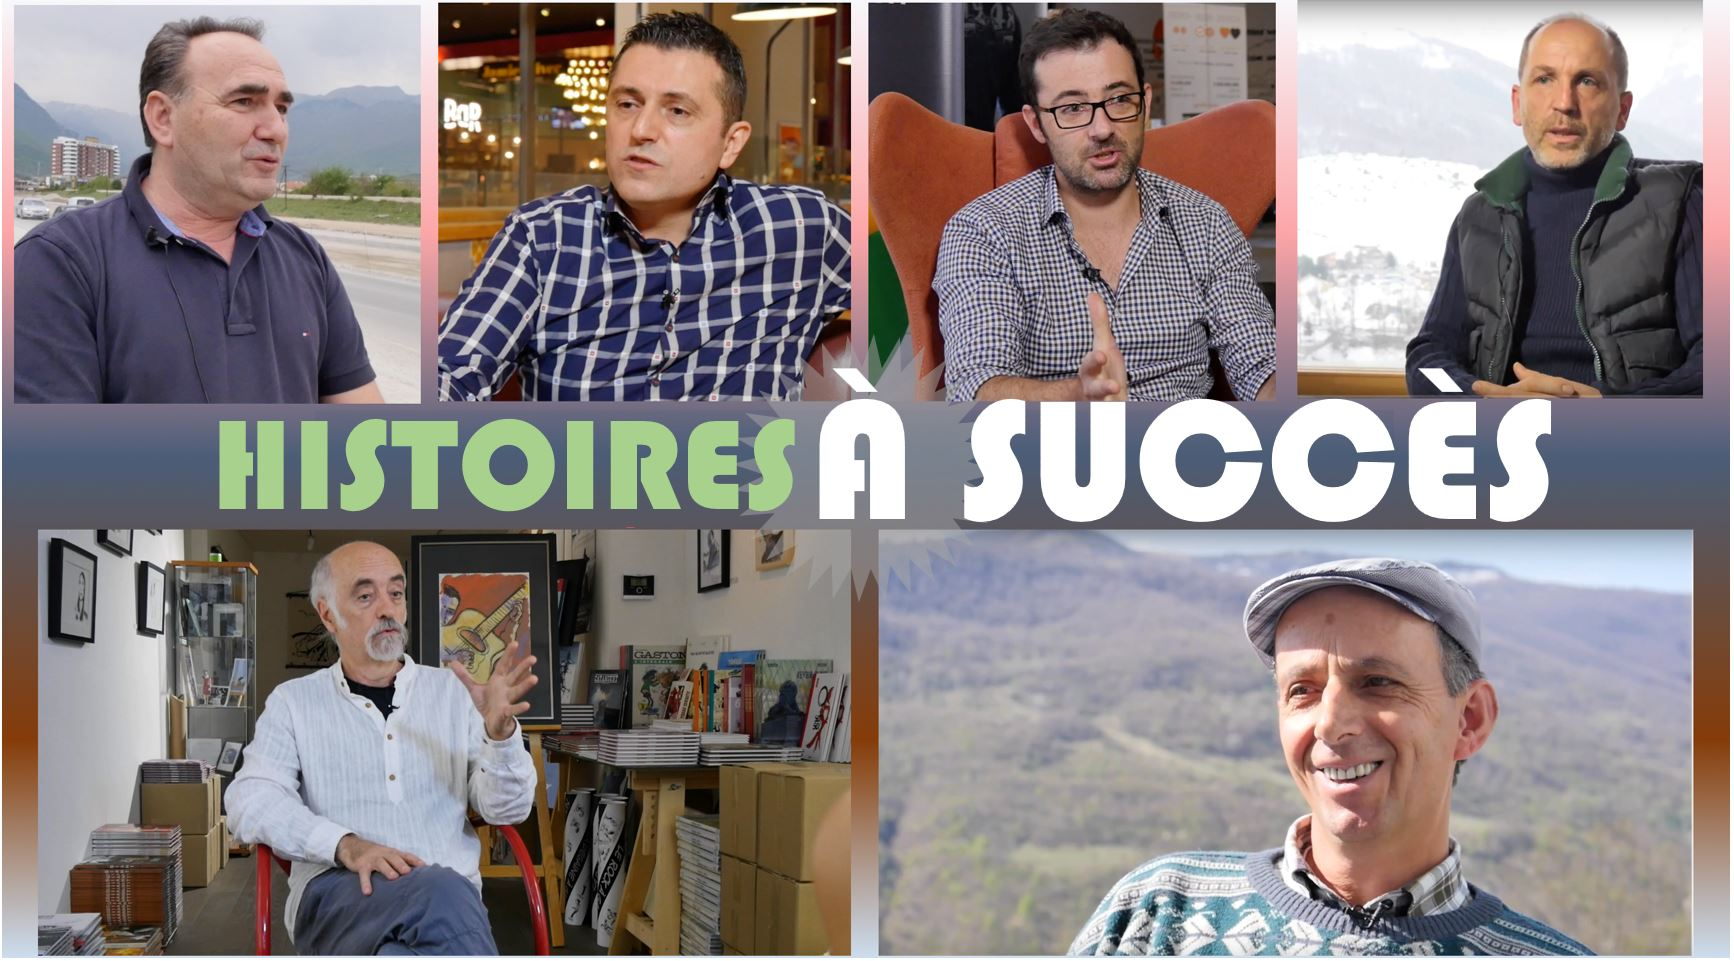 Storje-Suksesi-Foto-Albinfo-Promo